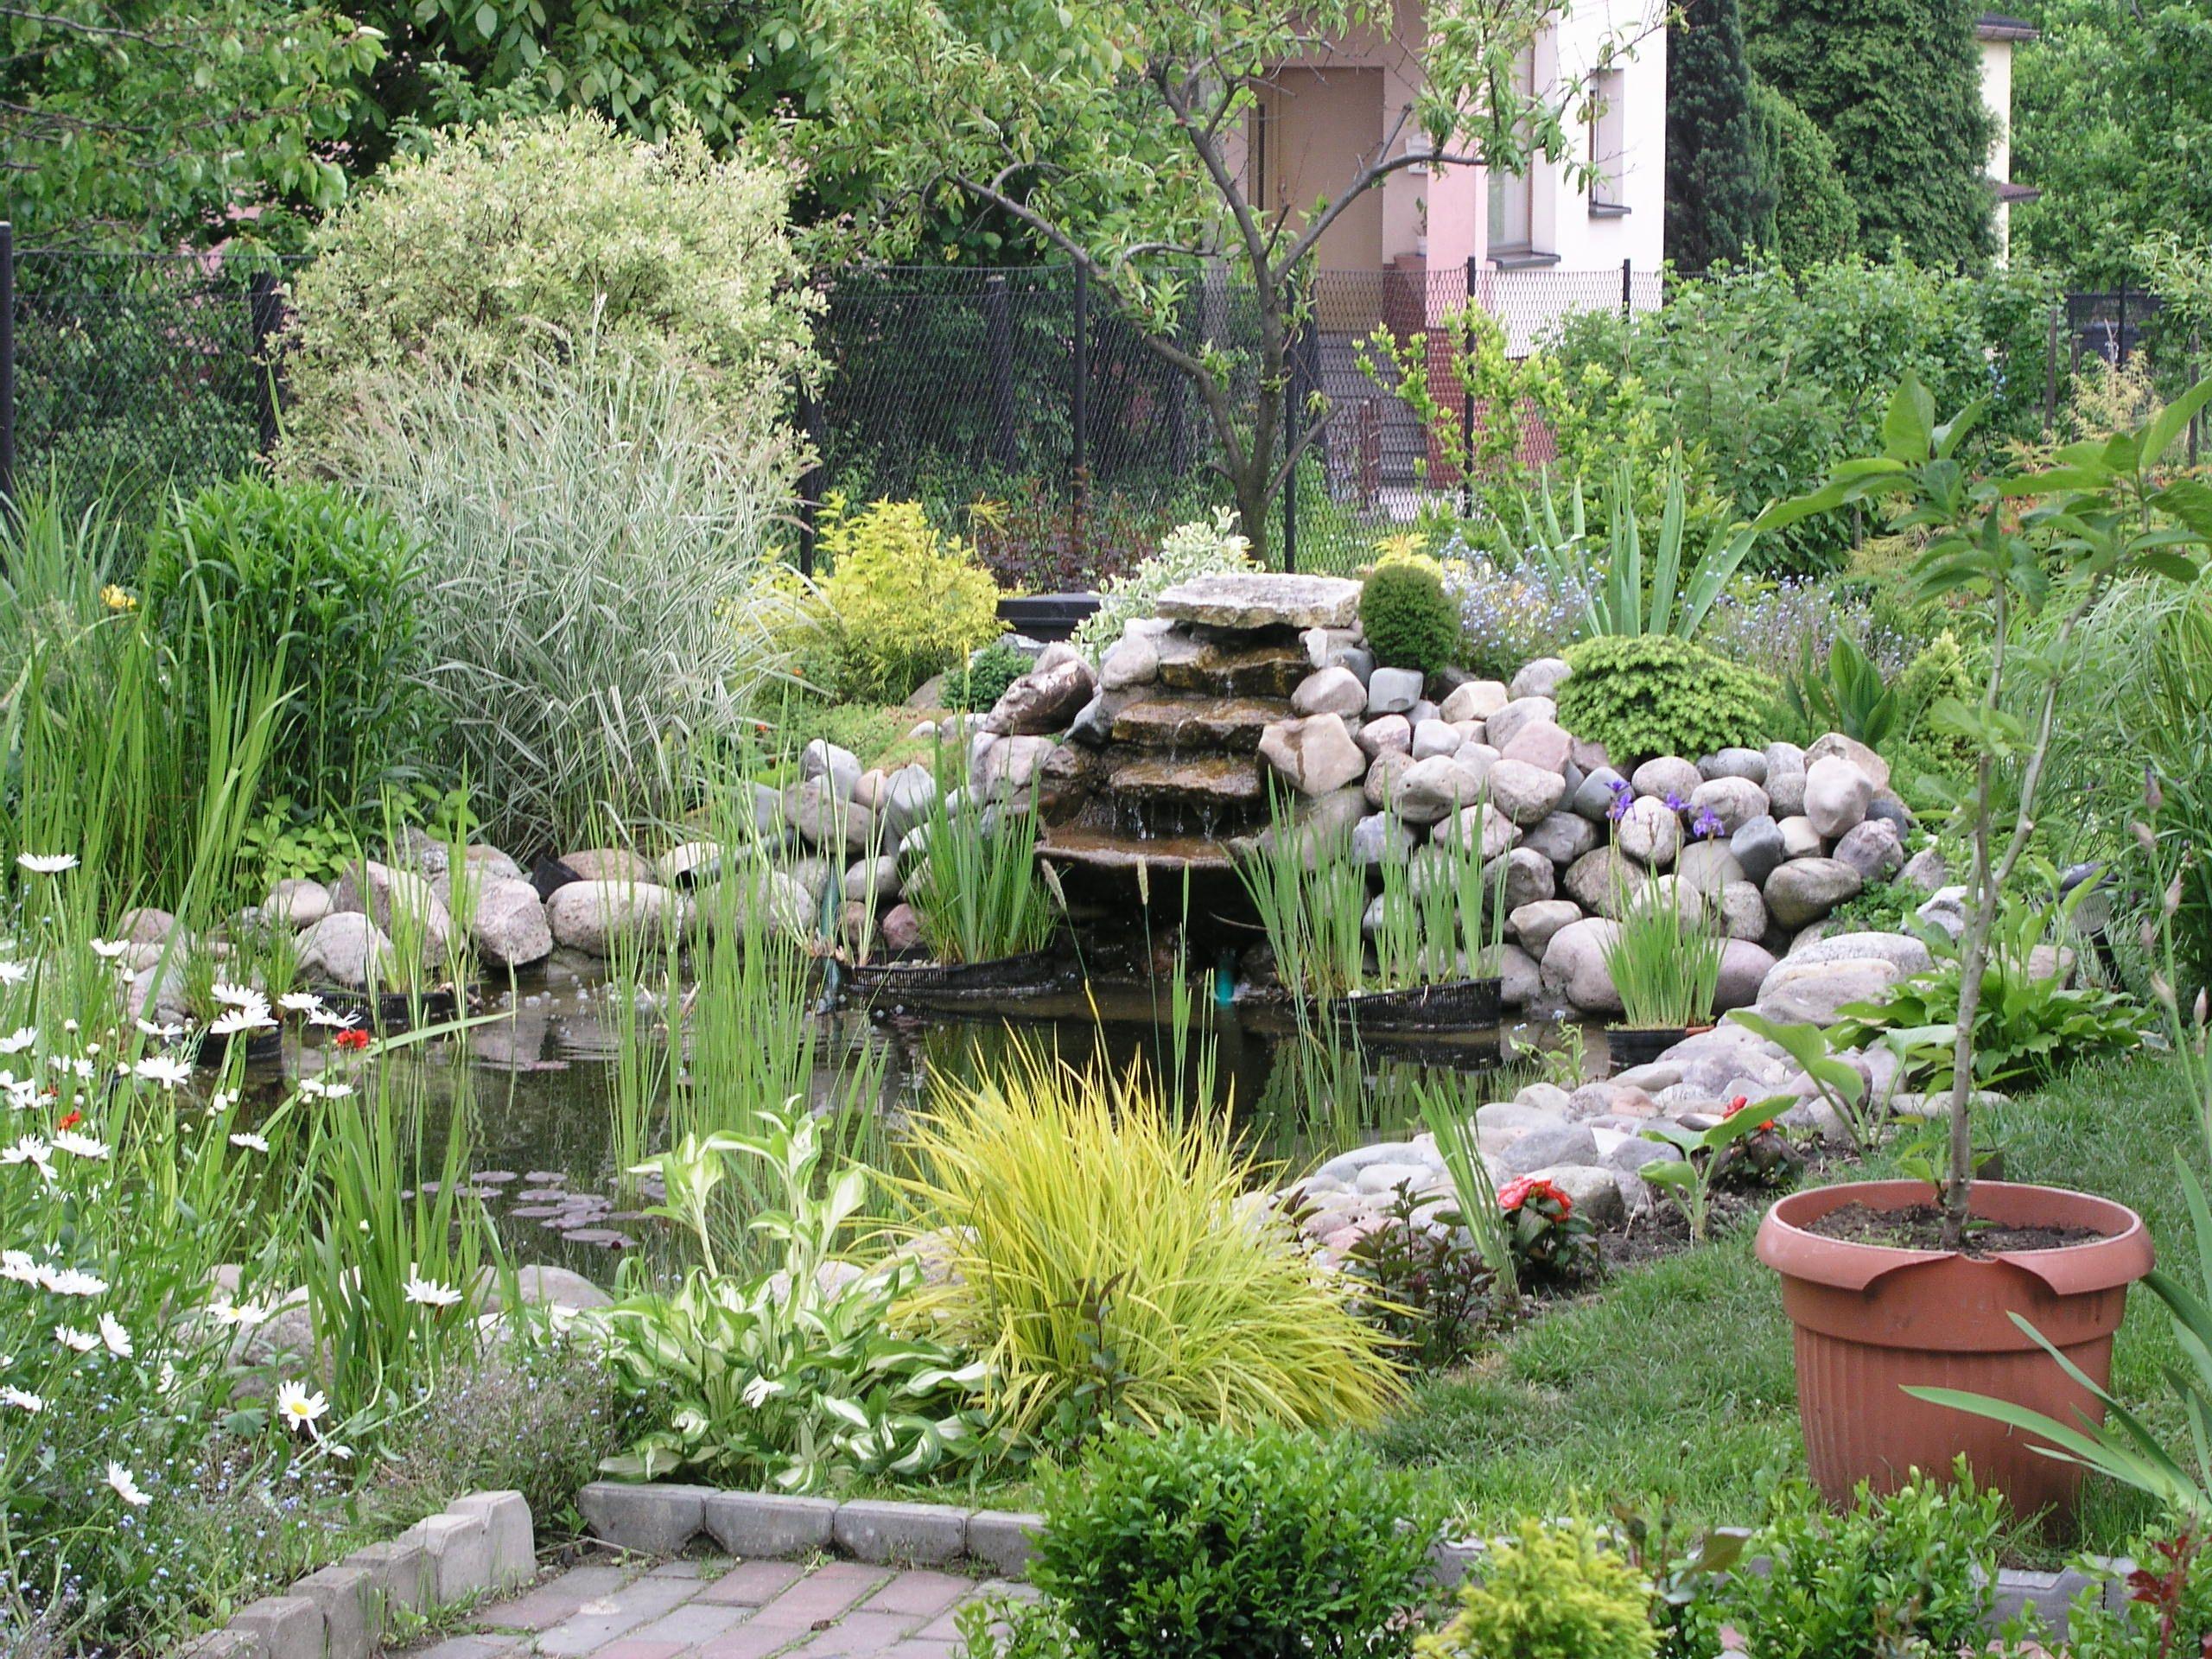 Garden_pond_3.jpg